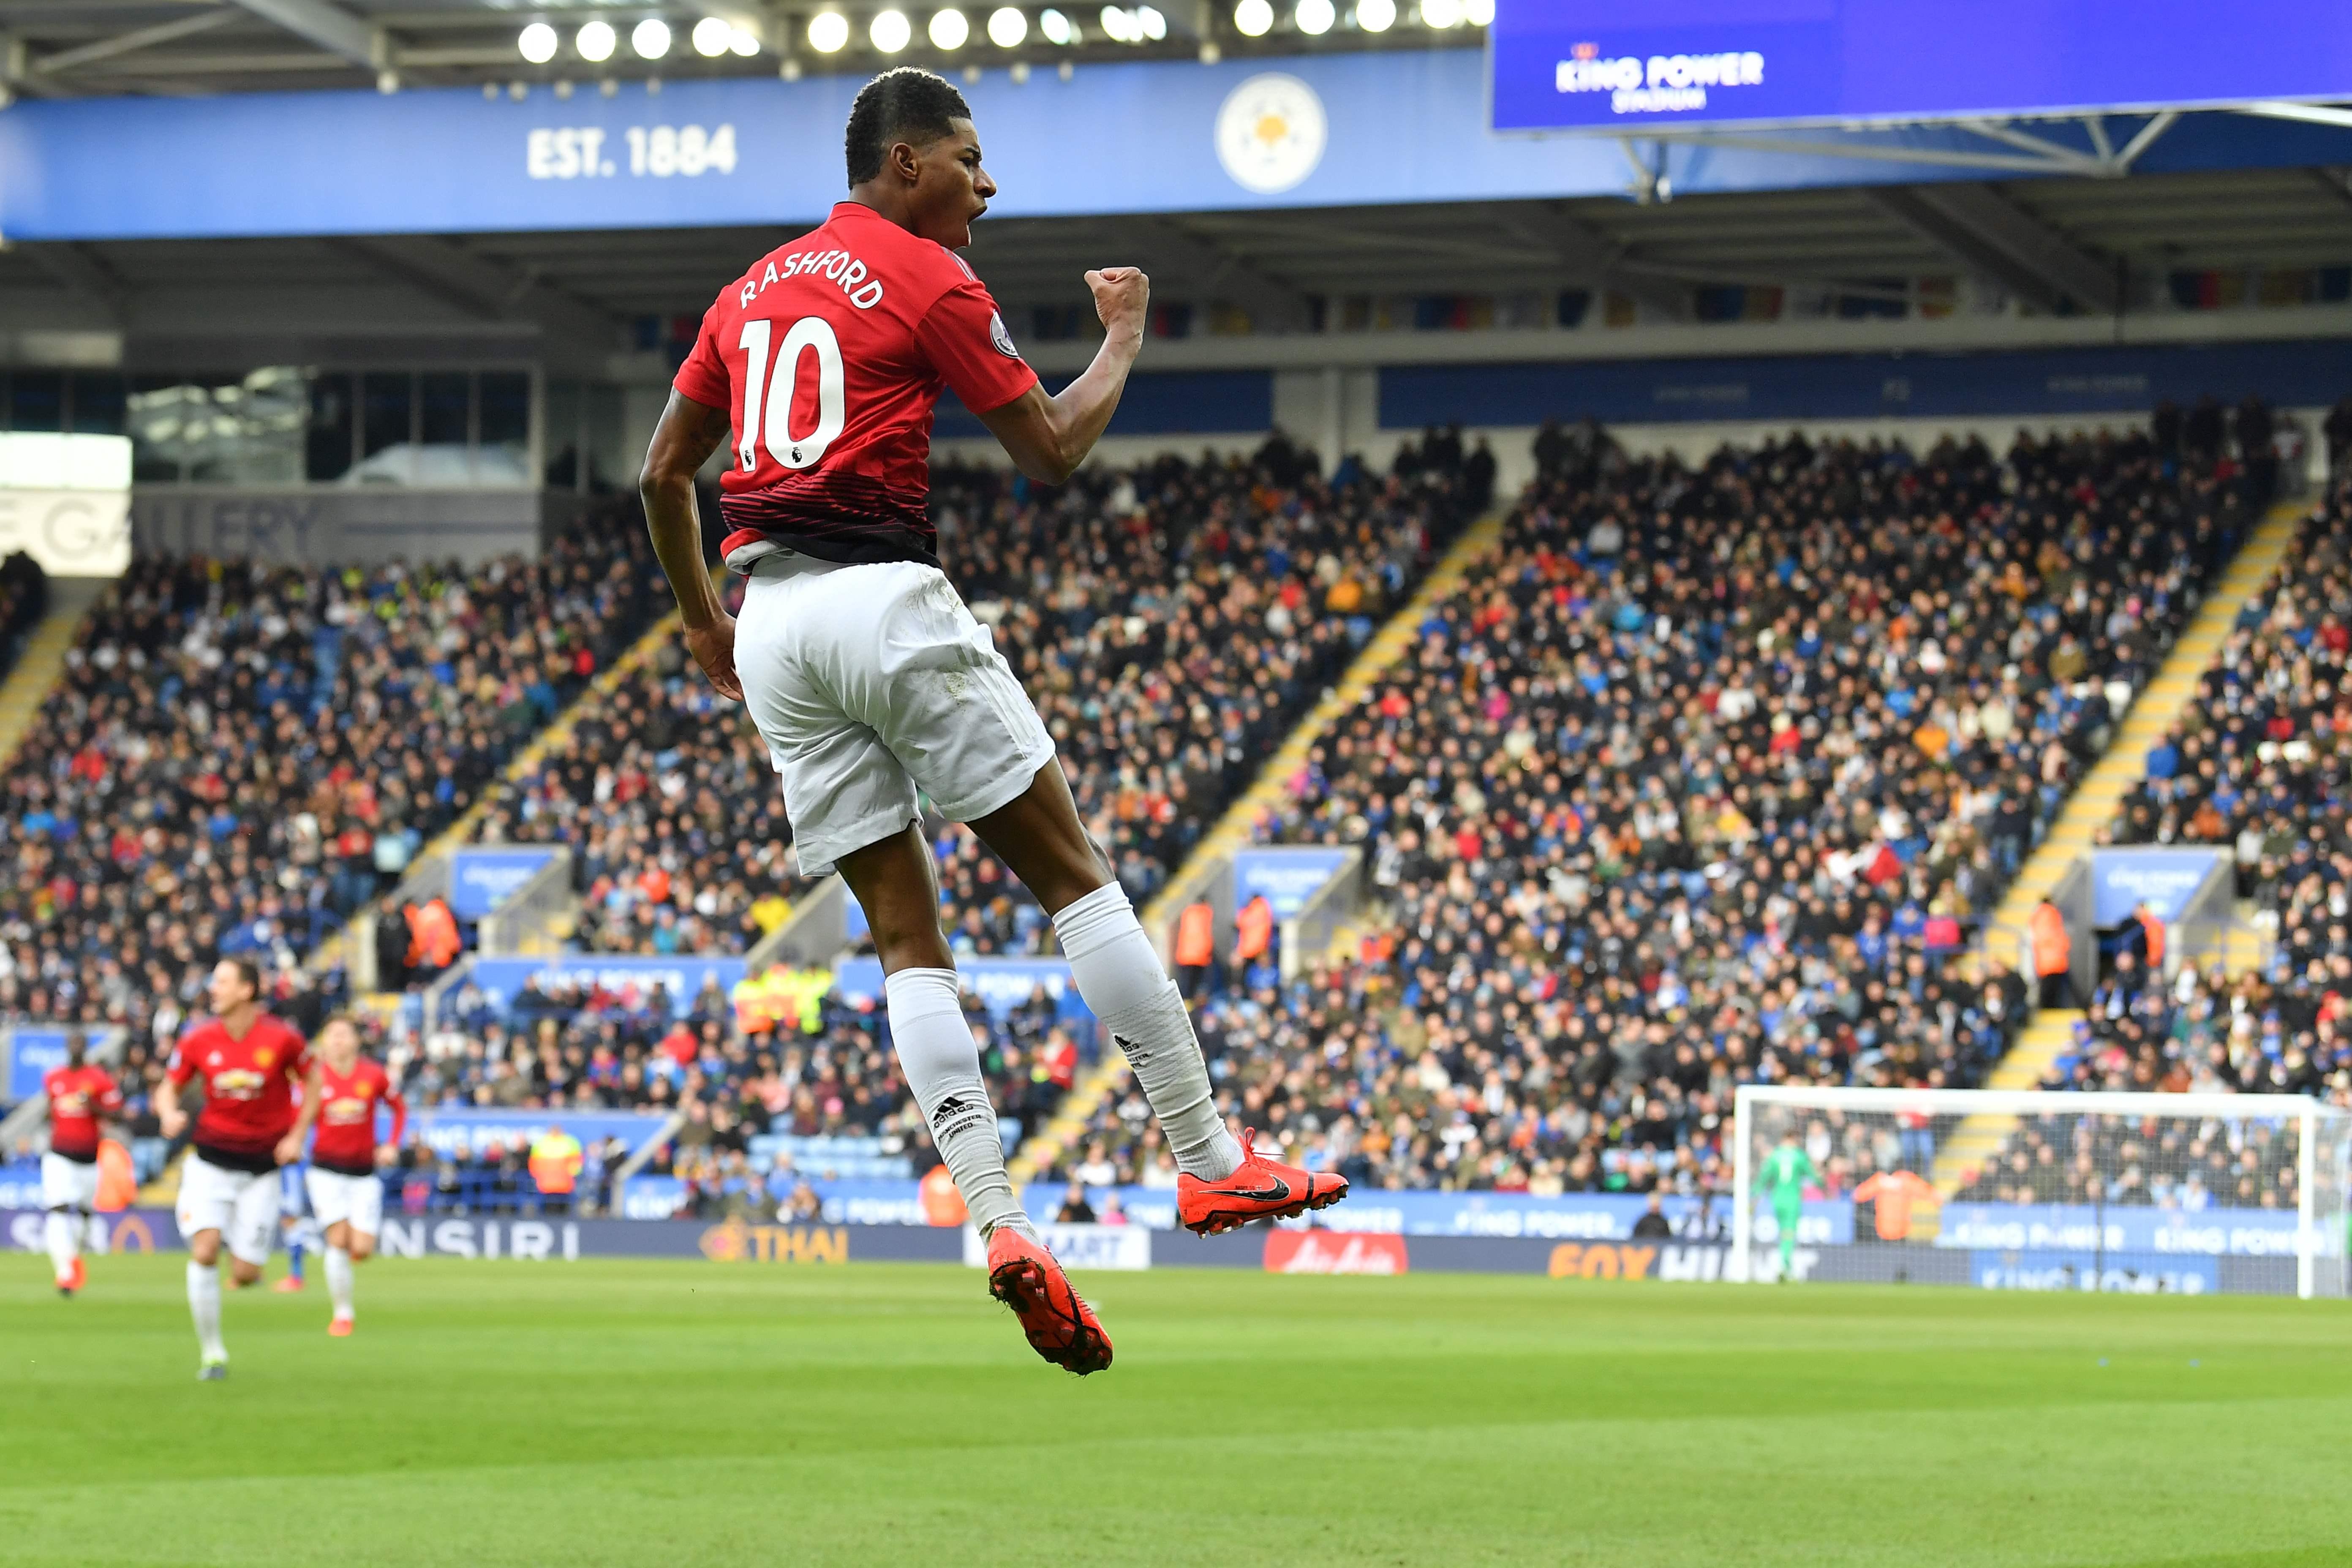 Rashford festeja el gol que le dio el triunfo al United. (Foto Prensa Libre: AFP)